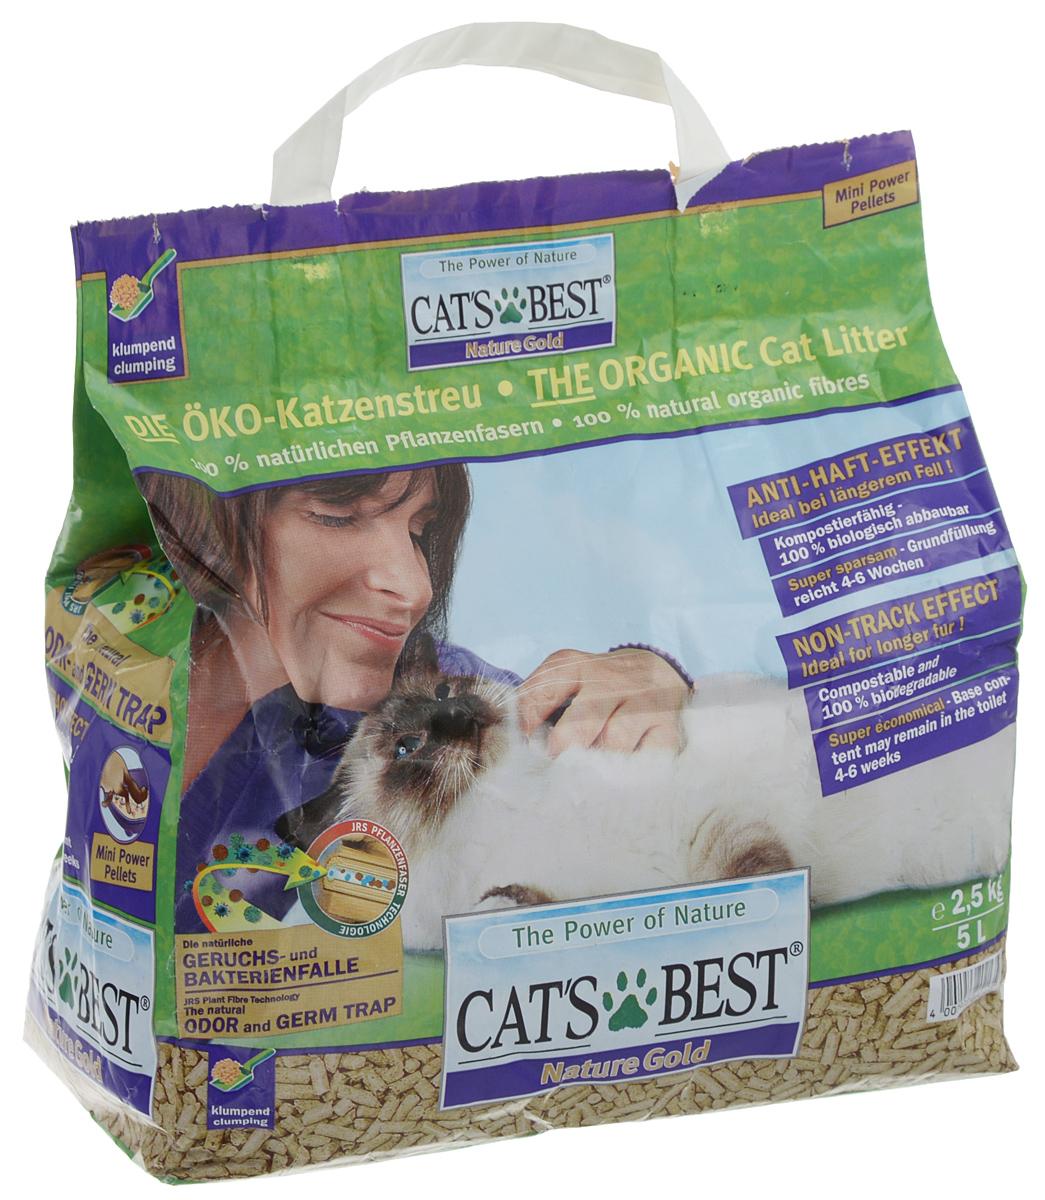 Наполнитель для кошачьего туалета Cats Best Nature Gold, древесный, 5 л27748Наполнитель для кошачьего туалета Cats Best Nature Gold великолепно комкуется и утилизируется в городскую канализационную сеть. Натуральная составляющая наполнителя обеспечивает высокую впитываемость и исключительную нейтрализацию запаха. Экологически чистый, 100%-биоразлагаемый продукт, не пылит. Благодаря крупному размеру гранул, наполнитель меньше выносится из лотка.Состав: хвойная древесина.Товар сертифицирован.